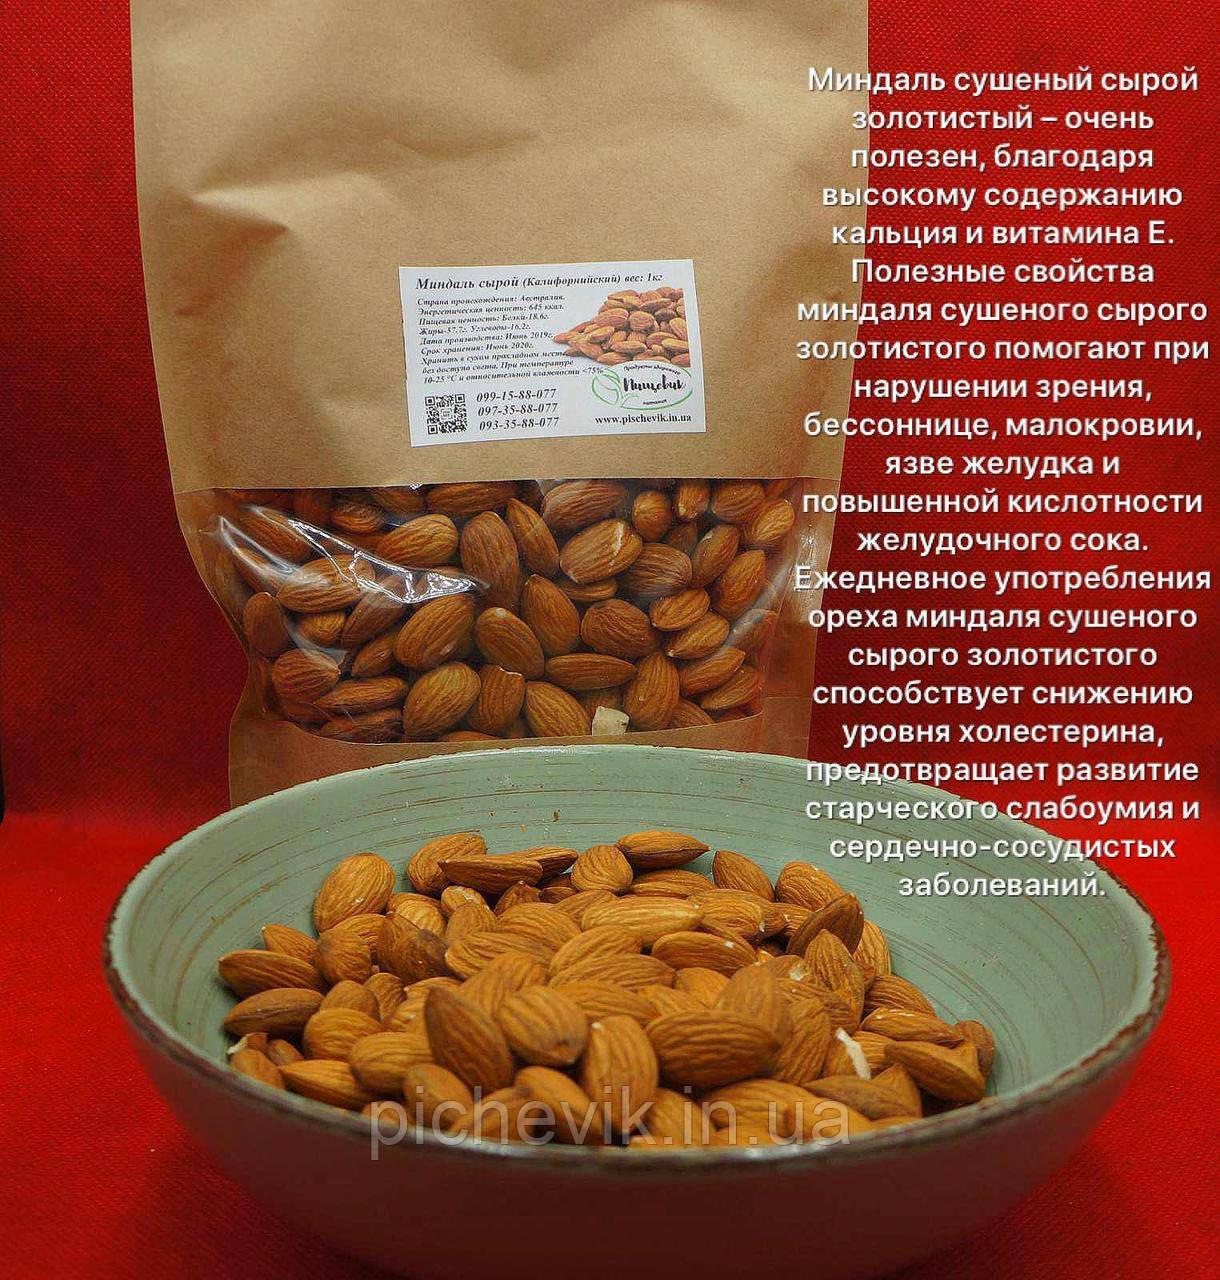 Миндаль калифорнийский сырой (Австралия) вес:250 гр